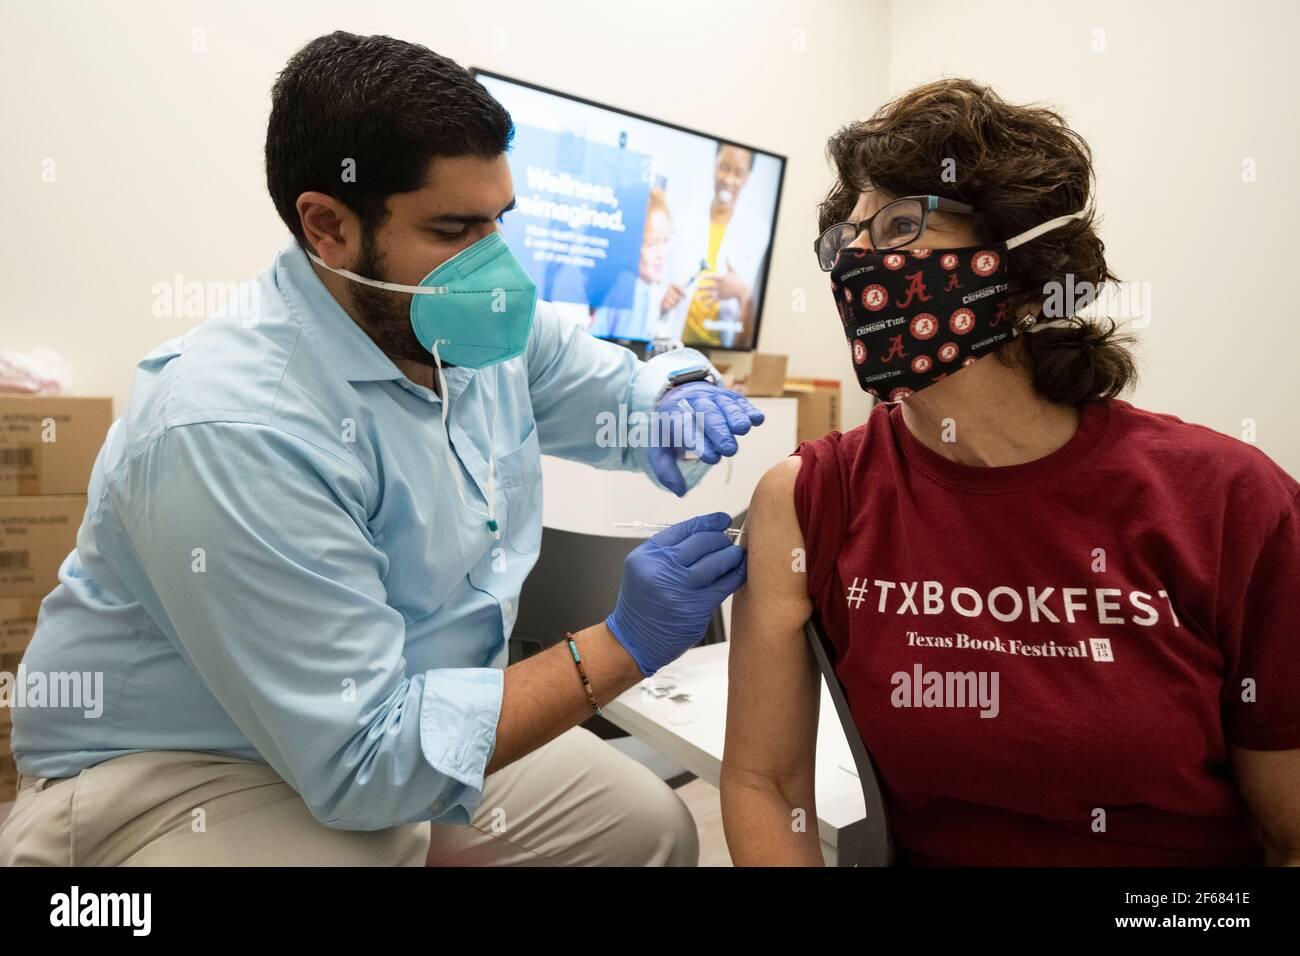 Austin, Texas 30 de marzo de 2021: JANIS DAEMMRICH (r), de 65 años, recibe su segunda inyección de la vacuna COVID-19 de Pfizer en una farmacia local, tres semanas después de la primera en el mismo lugar. Texas está reportando mayores envíos de vacunas y 1 de cada 6 tejanos elegibles están totalmente vacunados, alrededor del 16%. Foto de stock